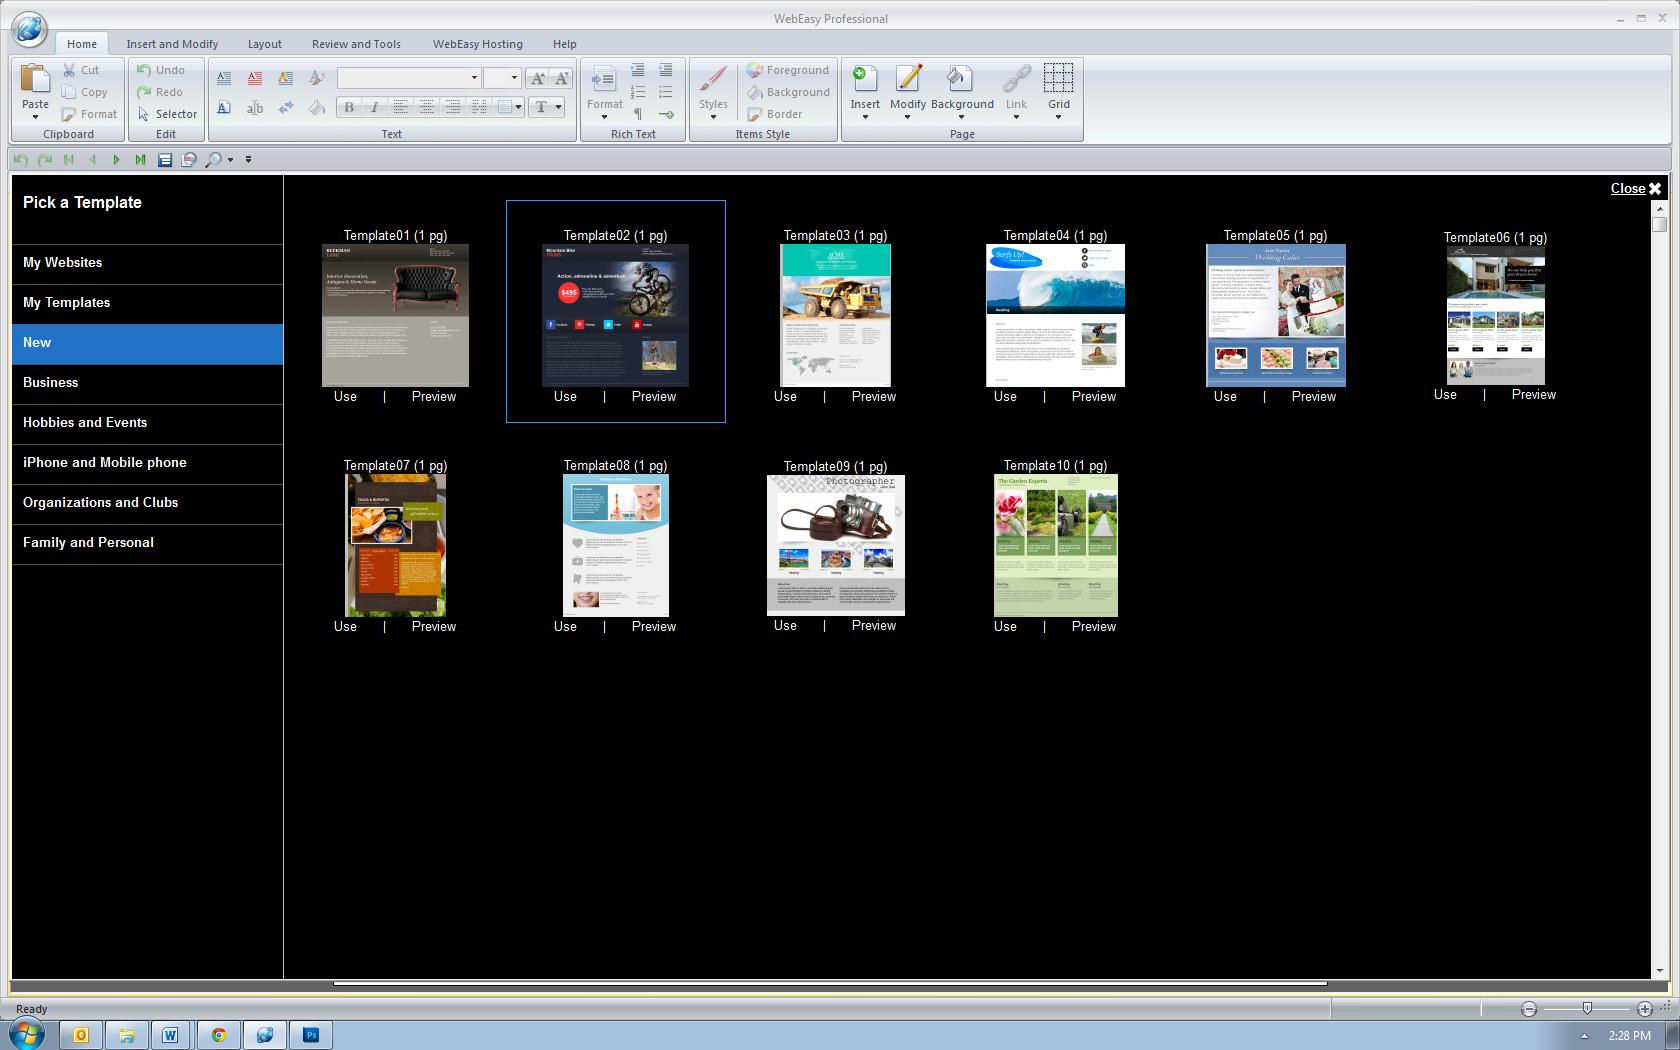 Avanquest WebEasy Professional es otro favorito al momento de escoger softwares de diseño web